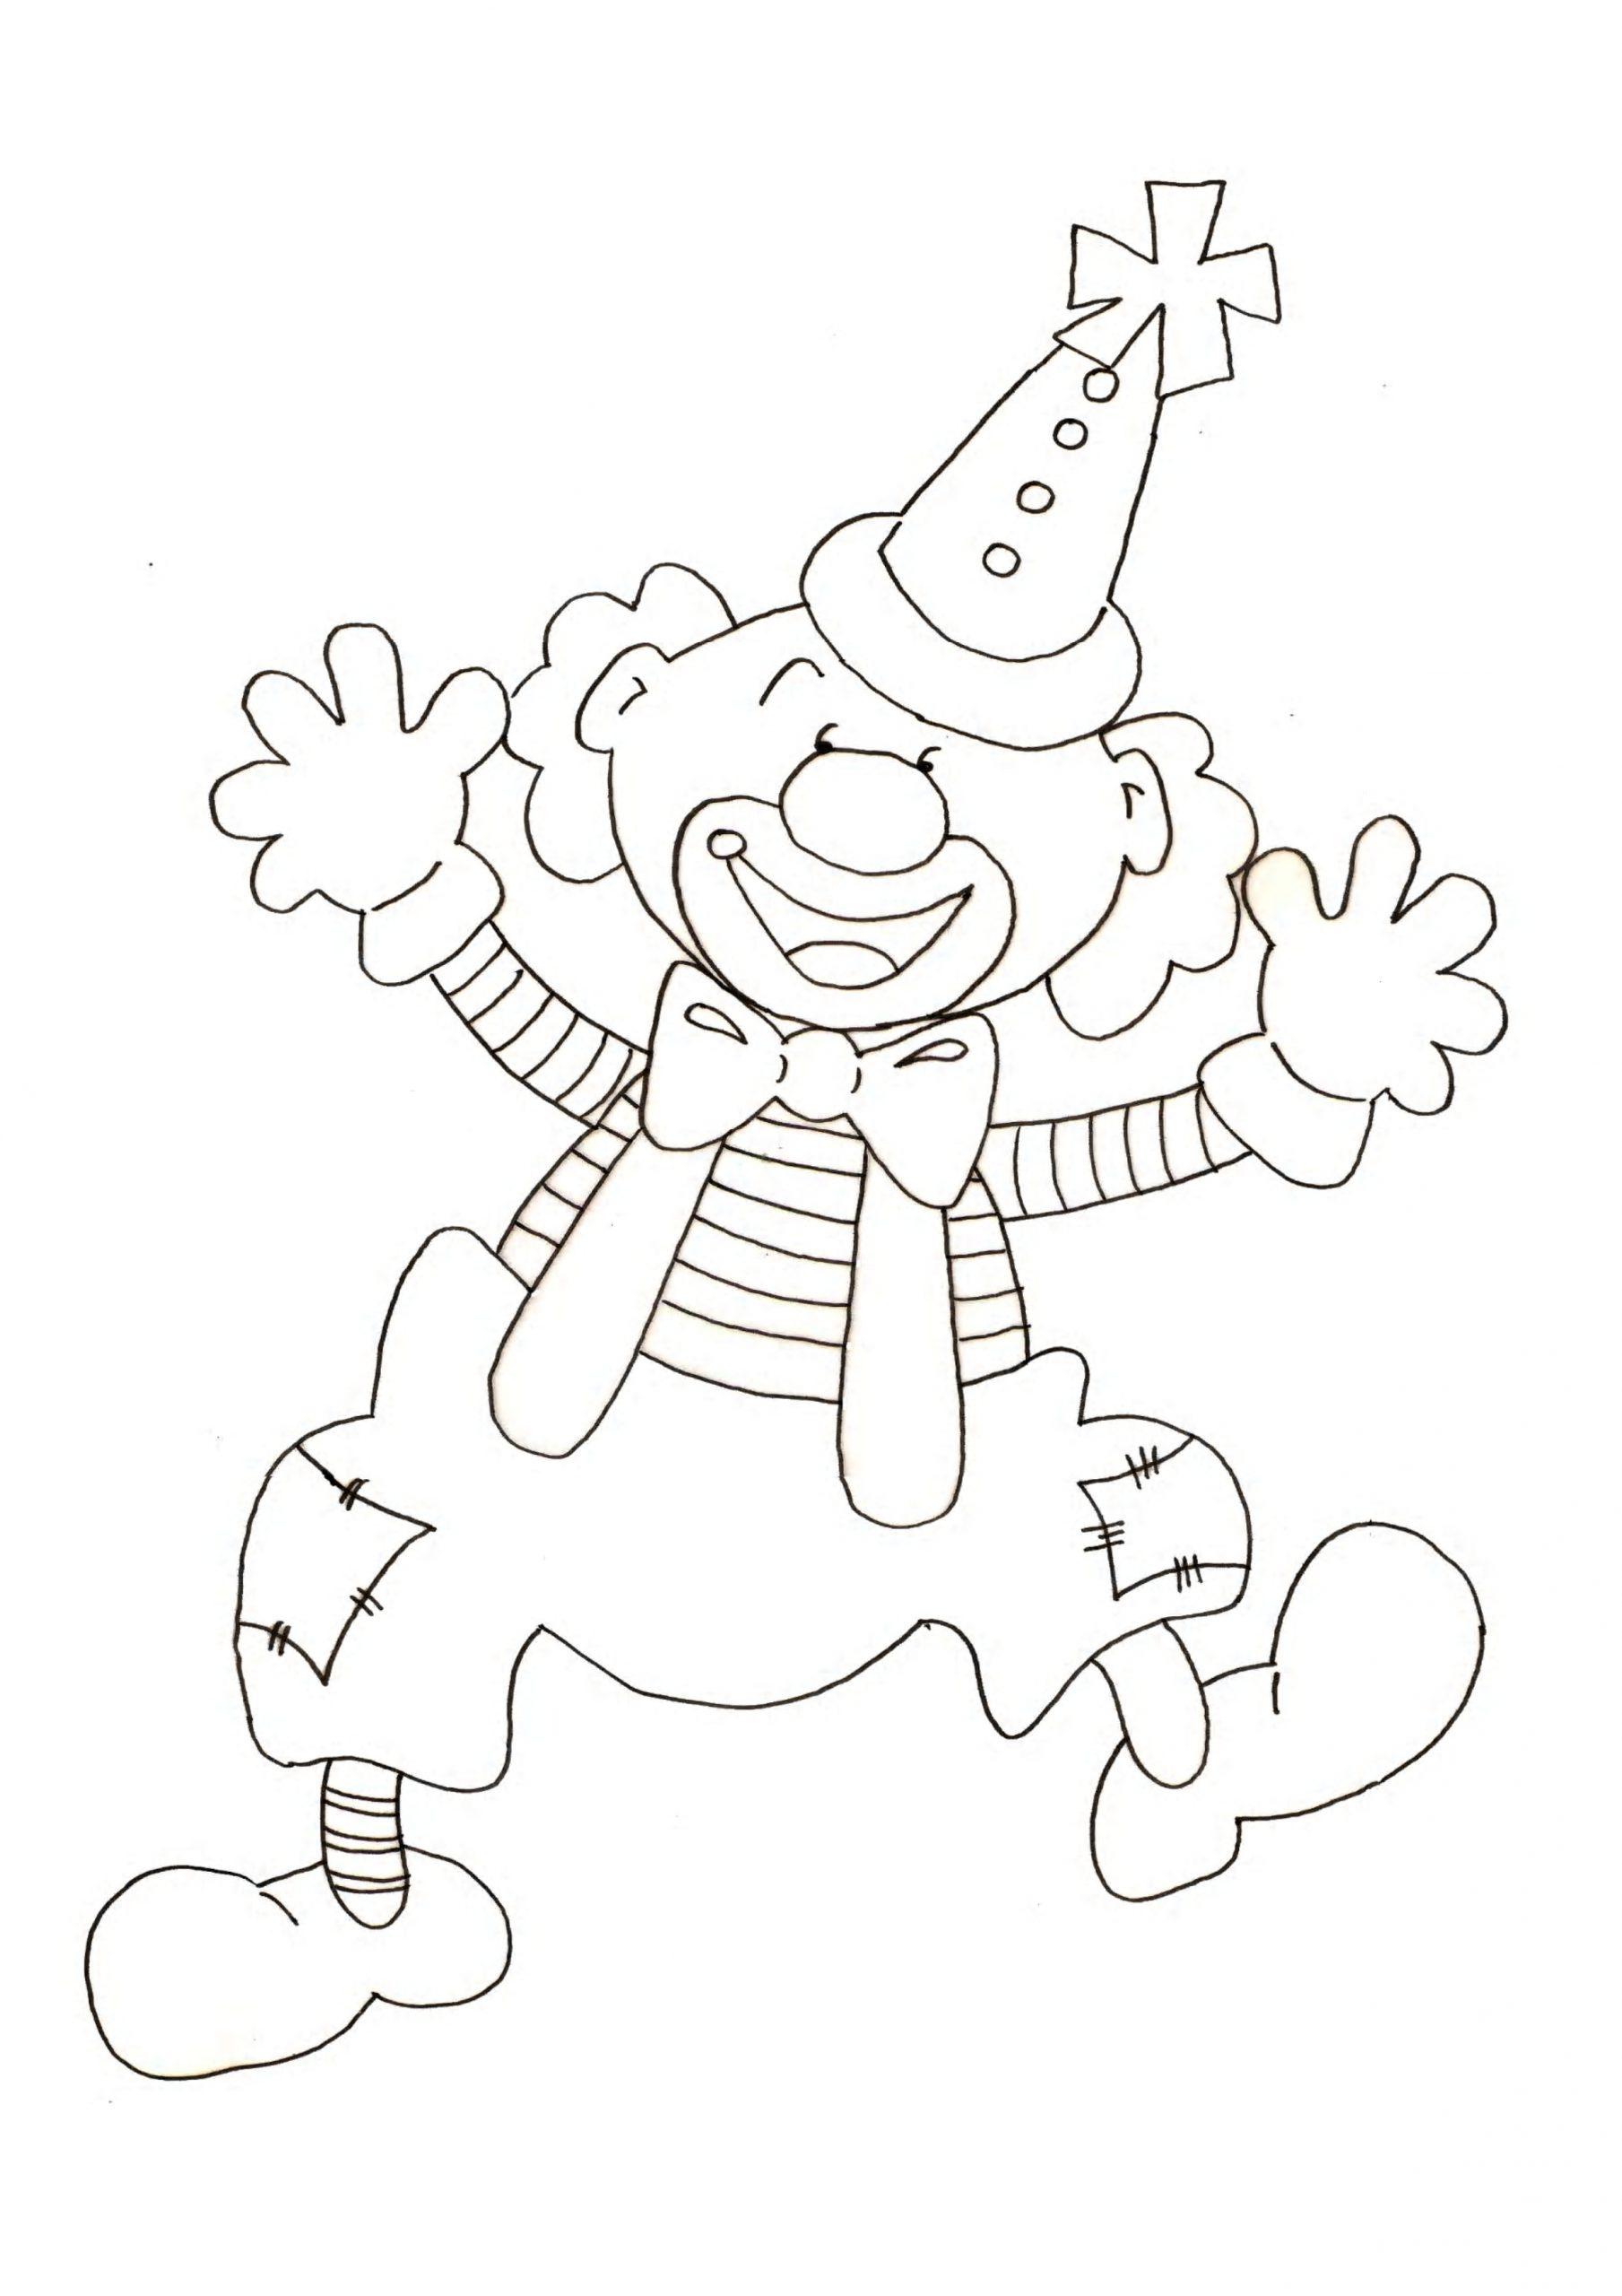 Coloriage Clown Gentil À Imprimer Sur Coloriages à Coloriage Clown A Imprimer